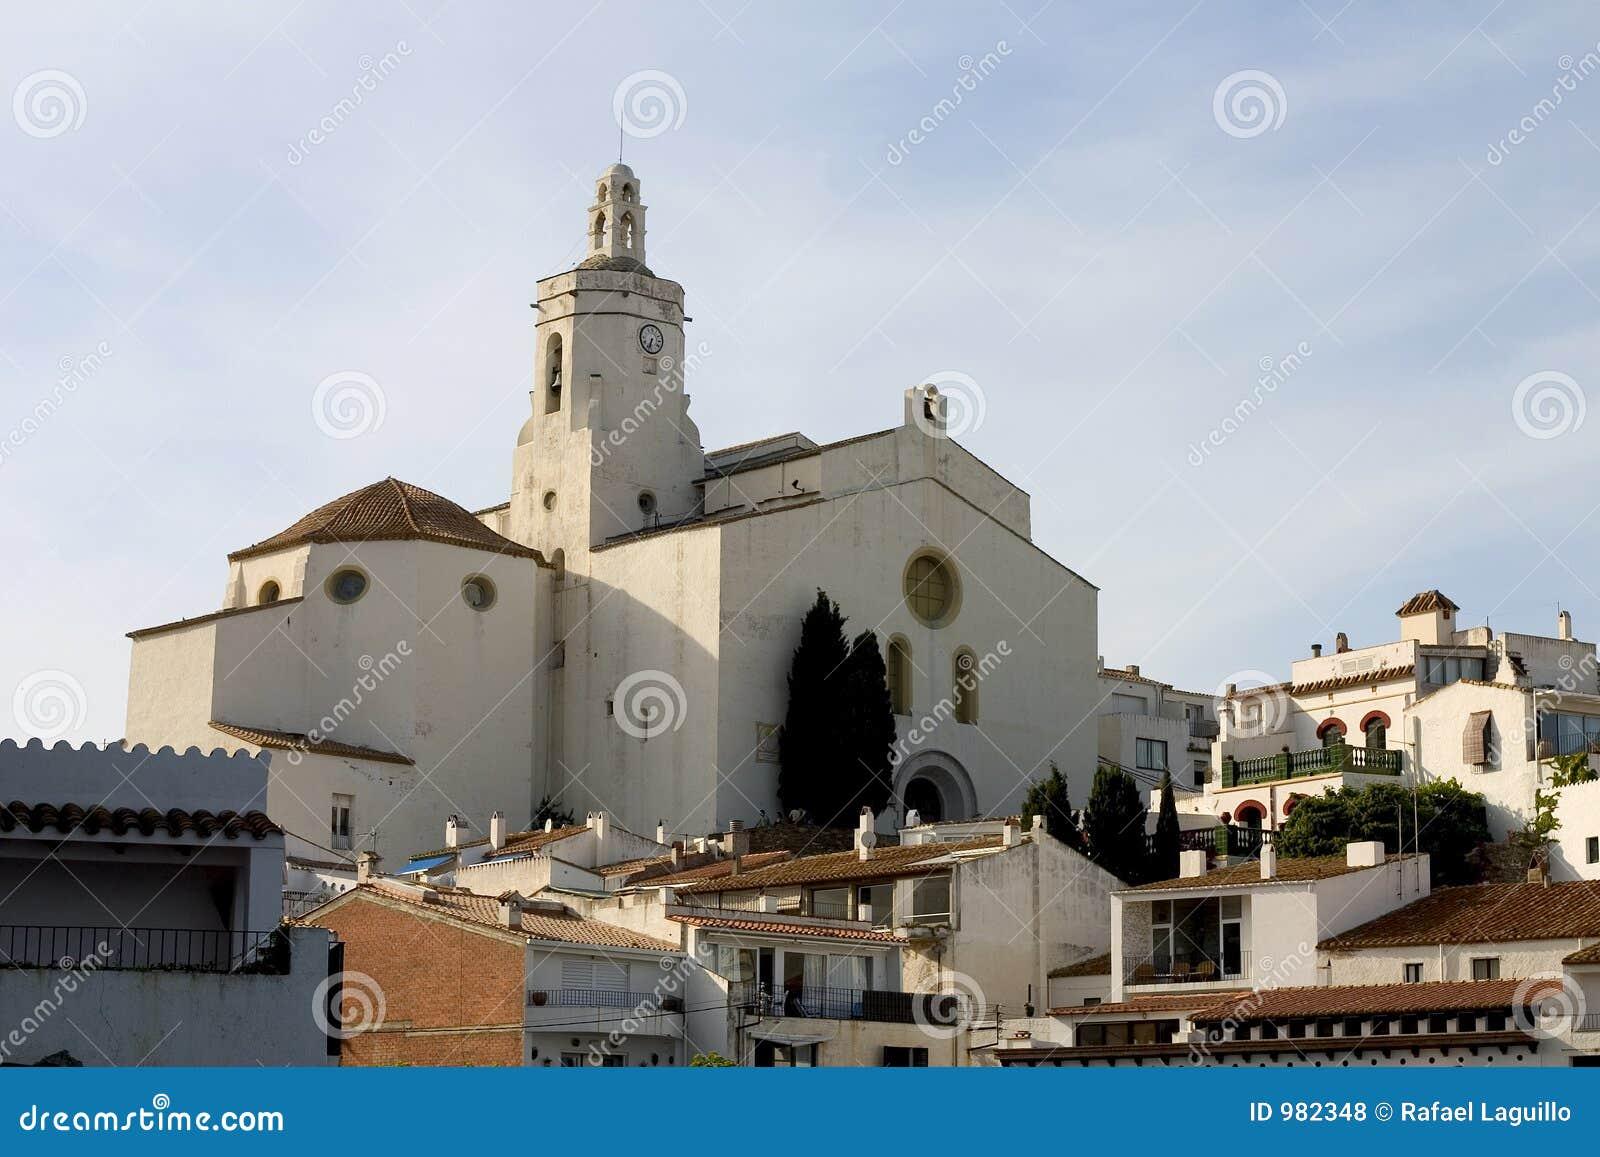 Cadaques church, Catalonia